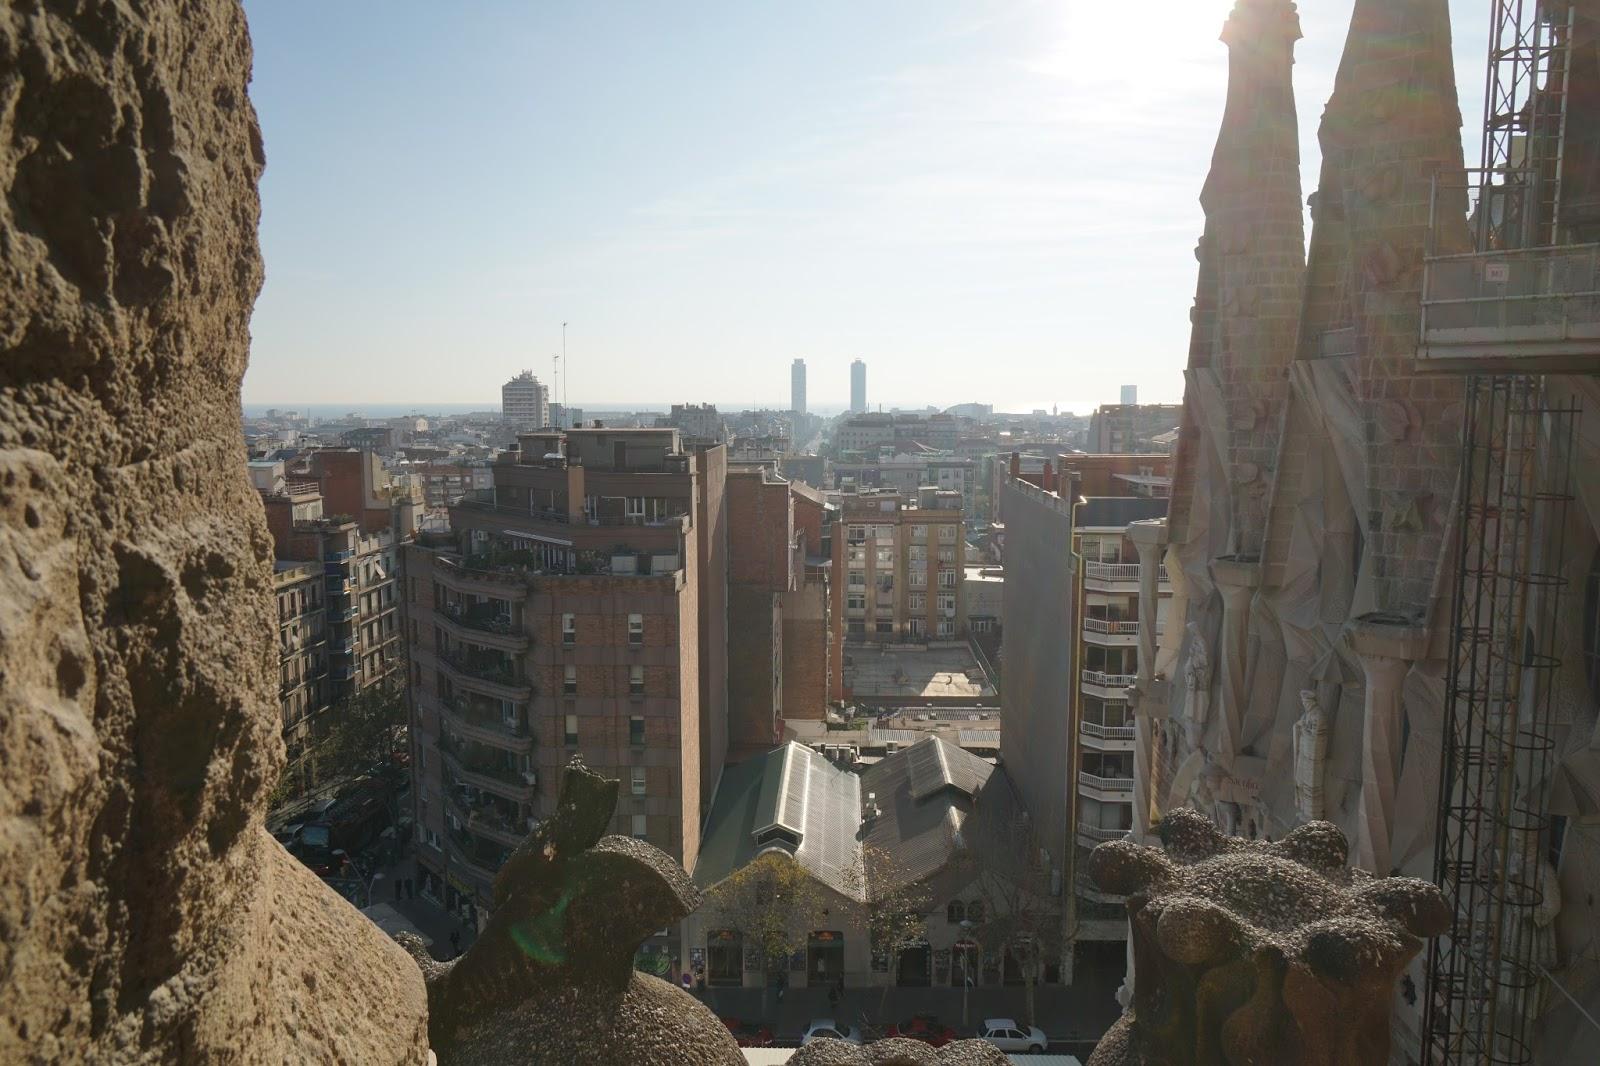 サグラダ・ファミリア (Sagrada Familia) テラスからの眺め